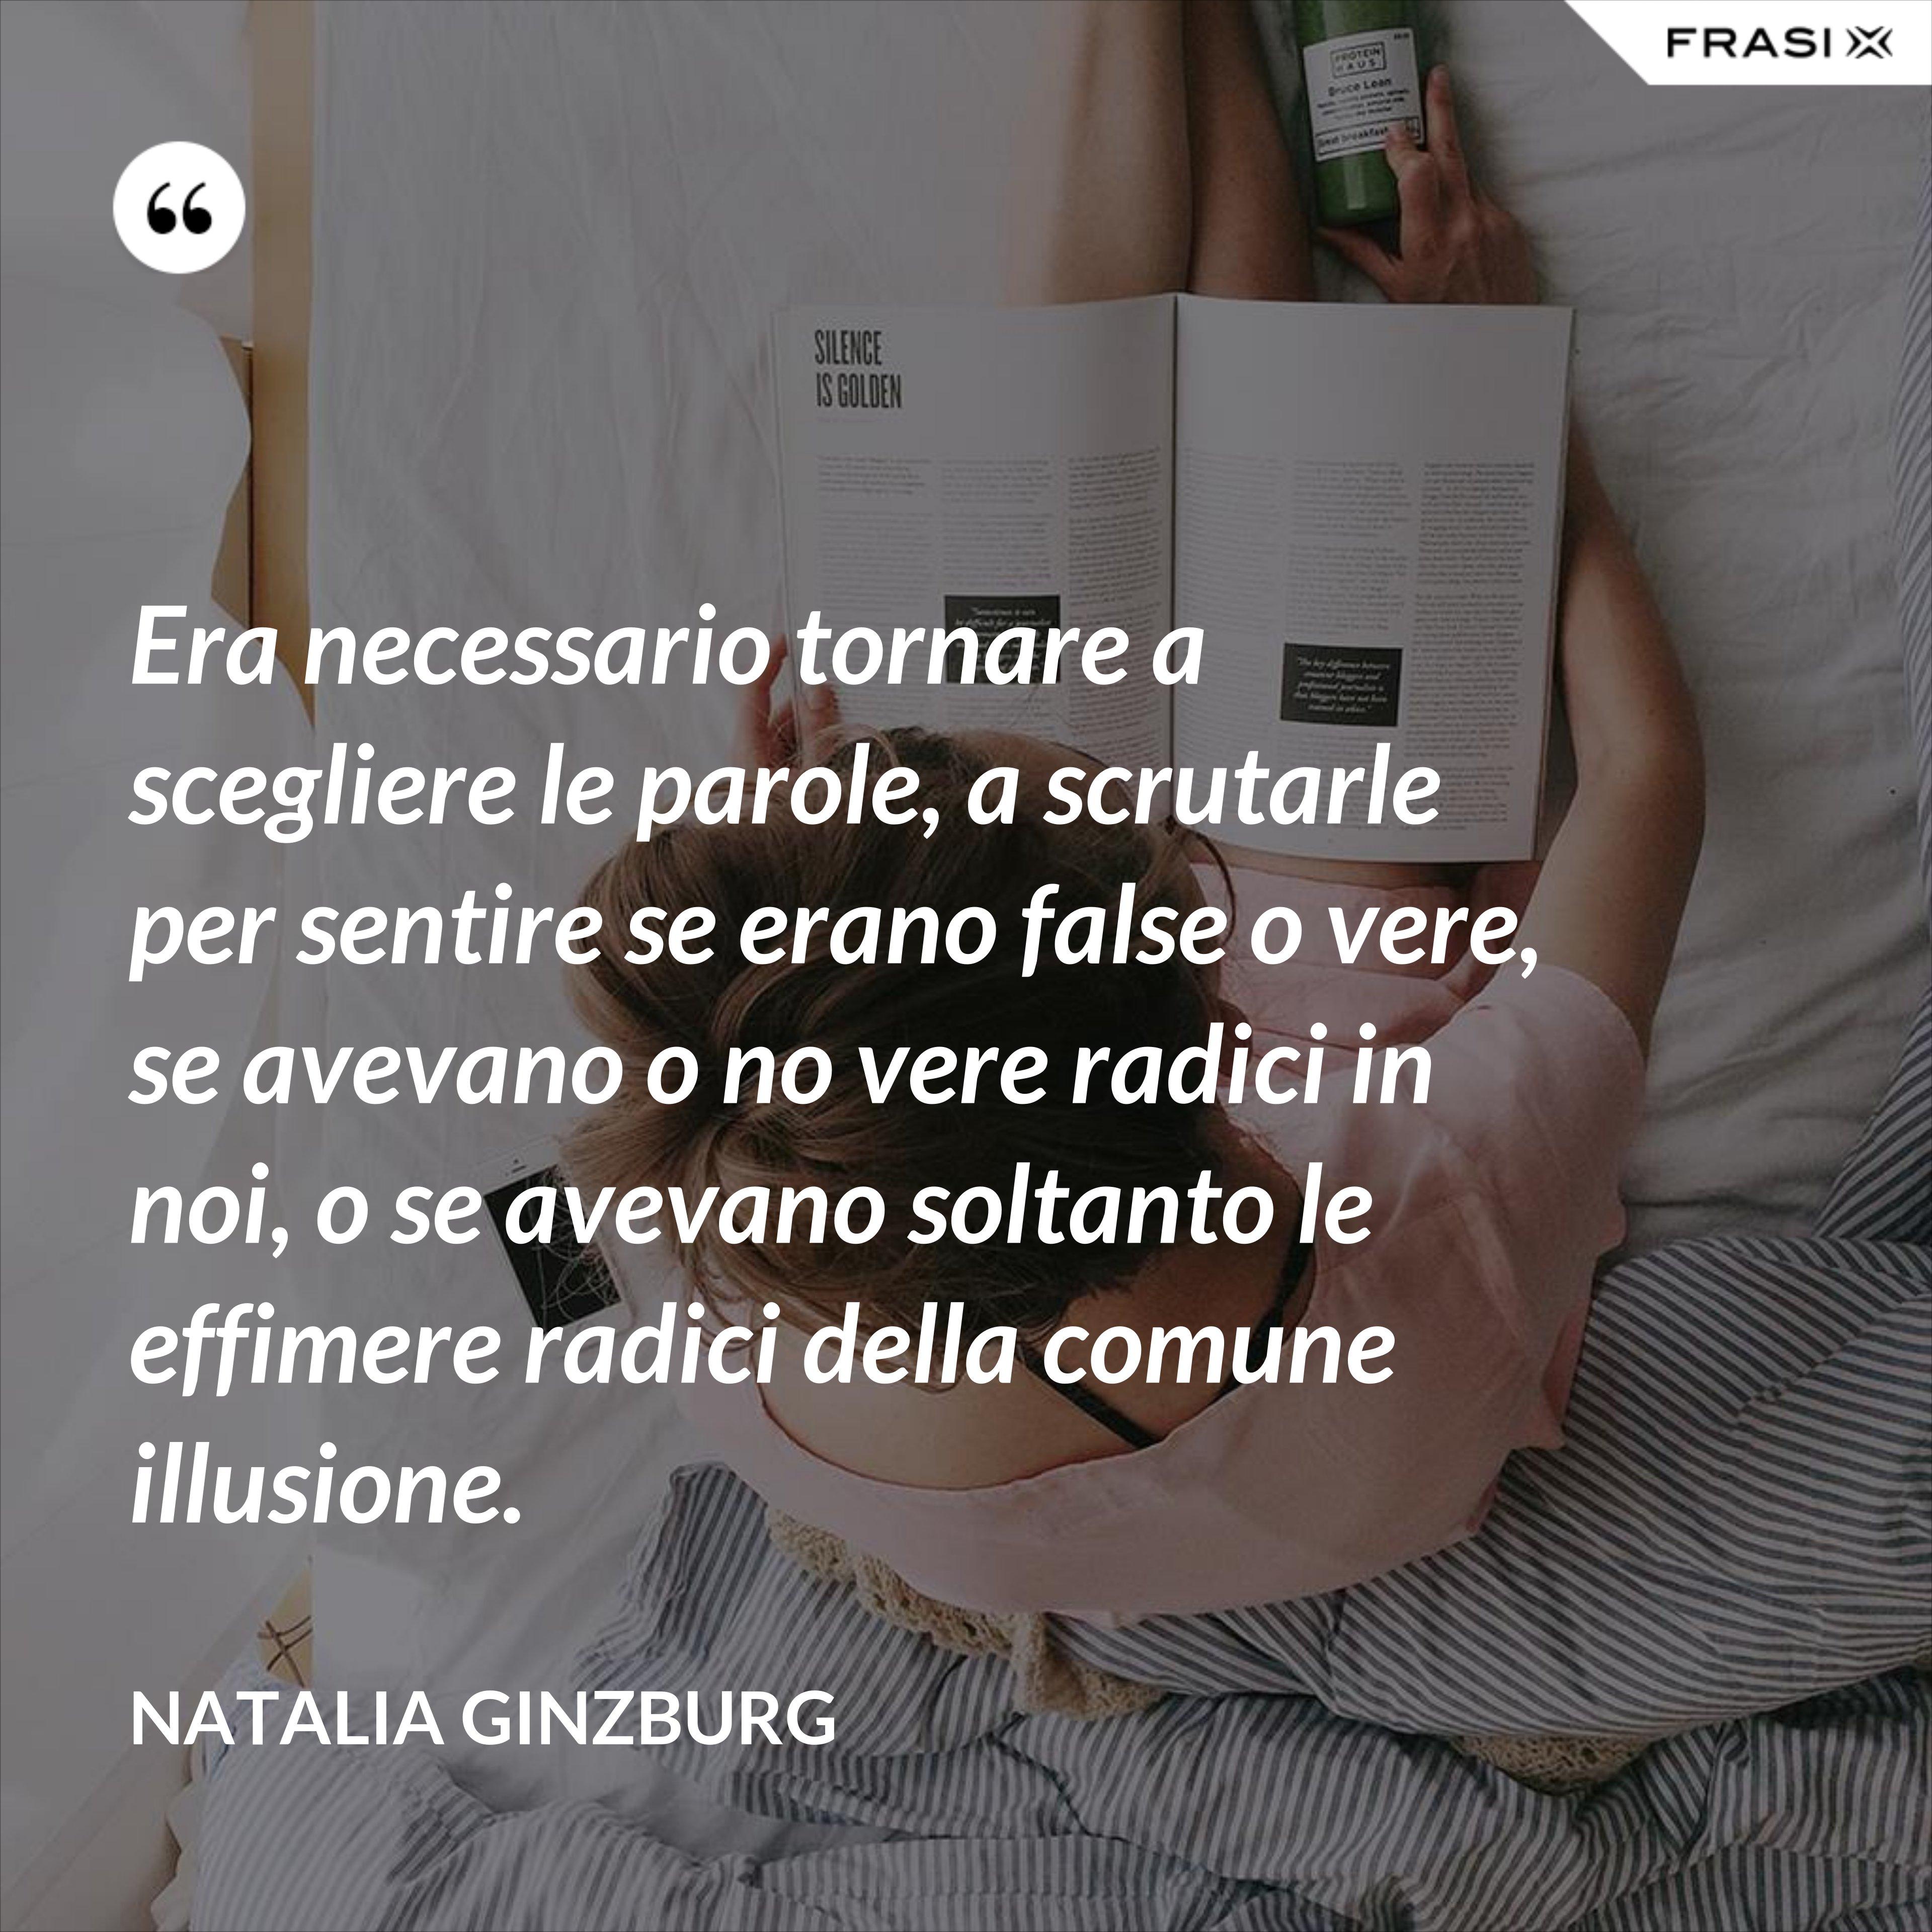 Era necessario tornare a scegliere le parole, a scrutarle per sentire se erano false o vere, se avevano o no vere radici in noi, o se avevano soltanto le effimere radici della comune illusione. - Natalia Ginzburg